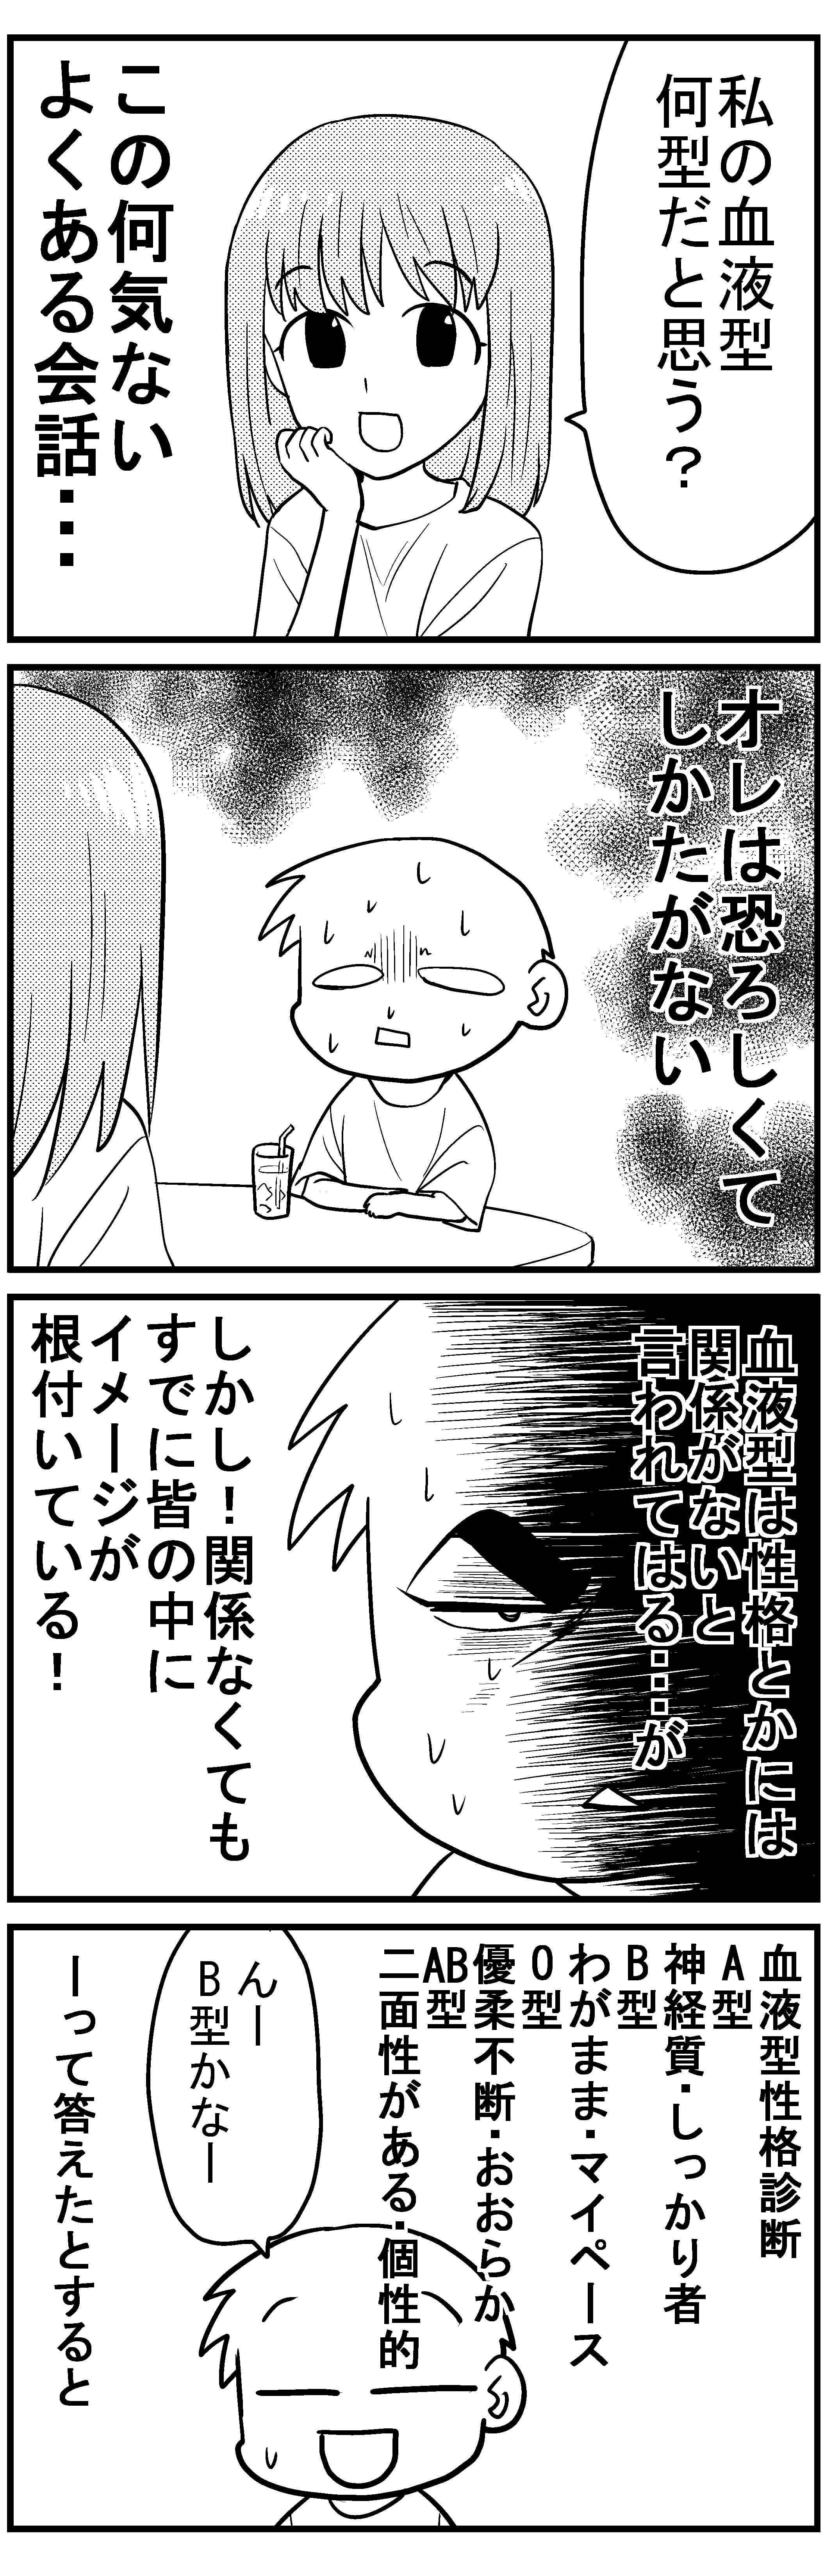 深読みくん1.jpg1 (1)